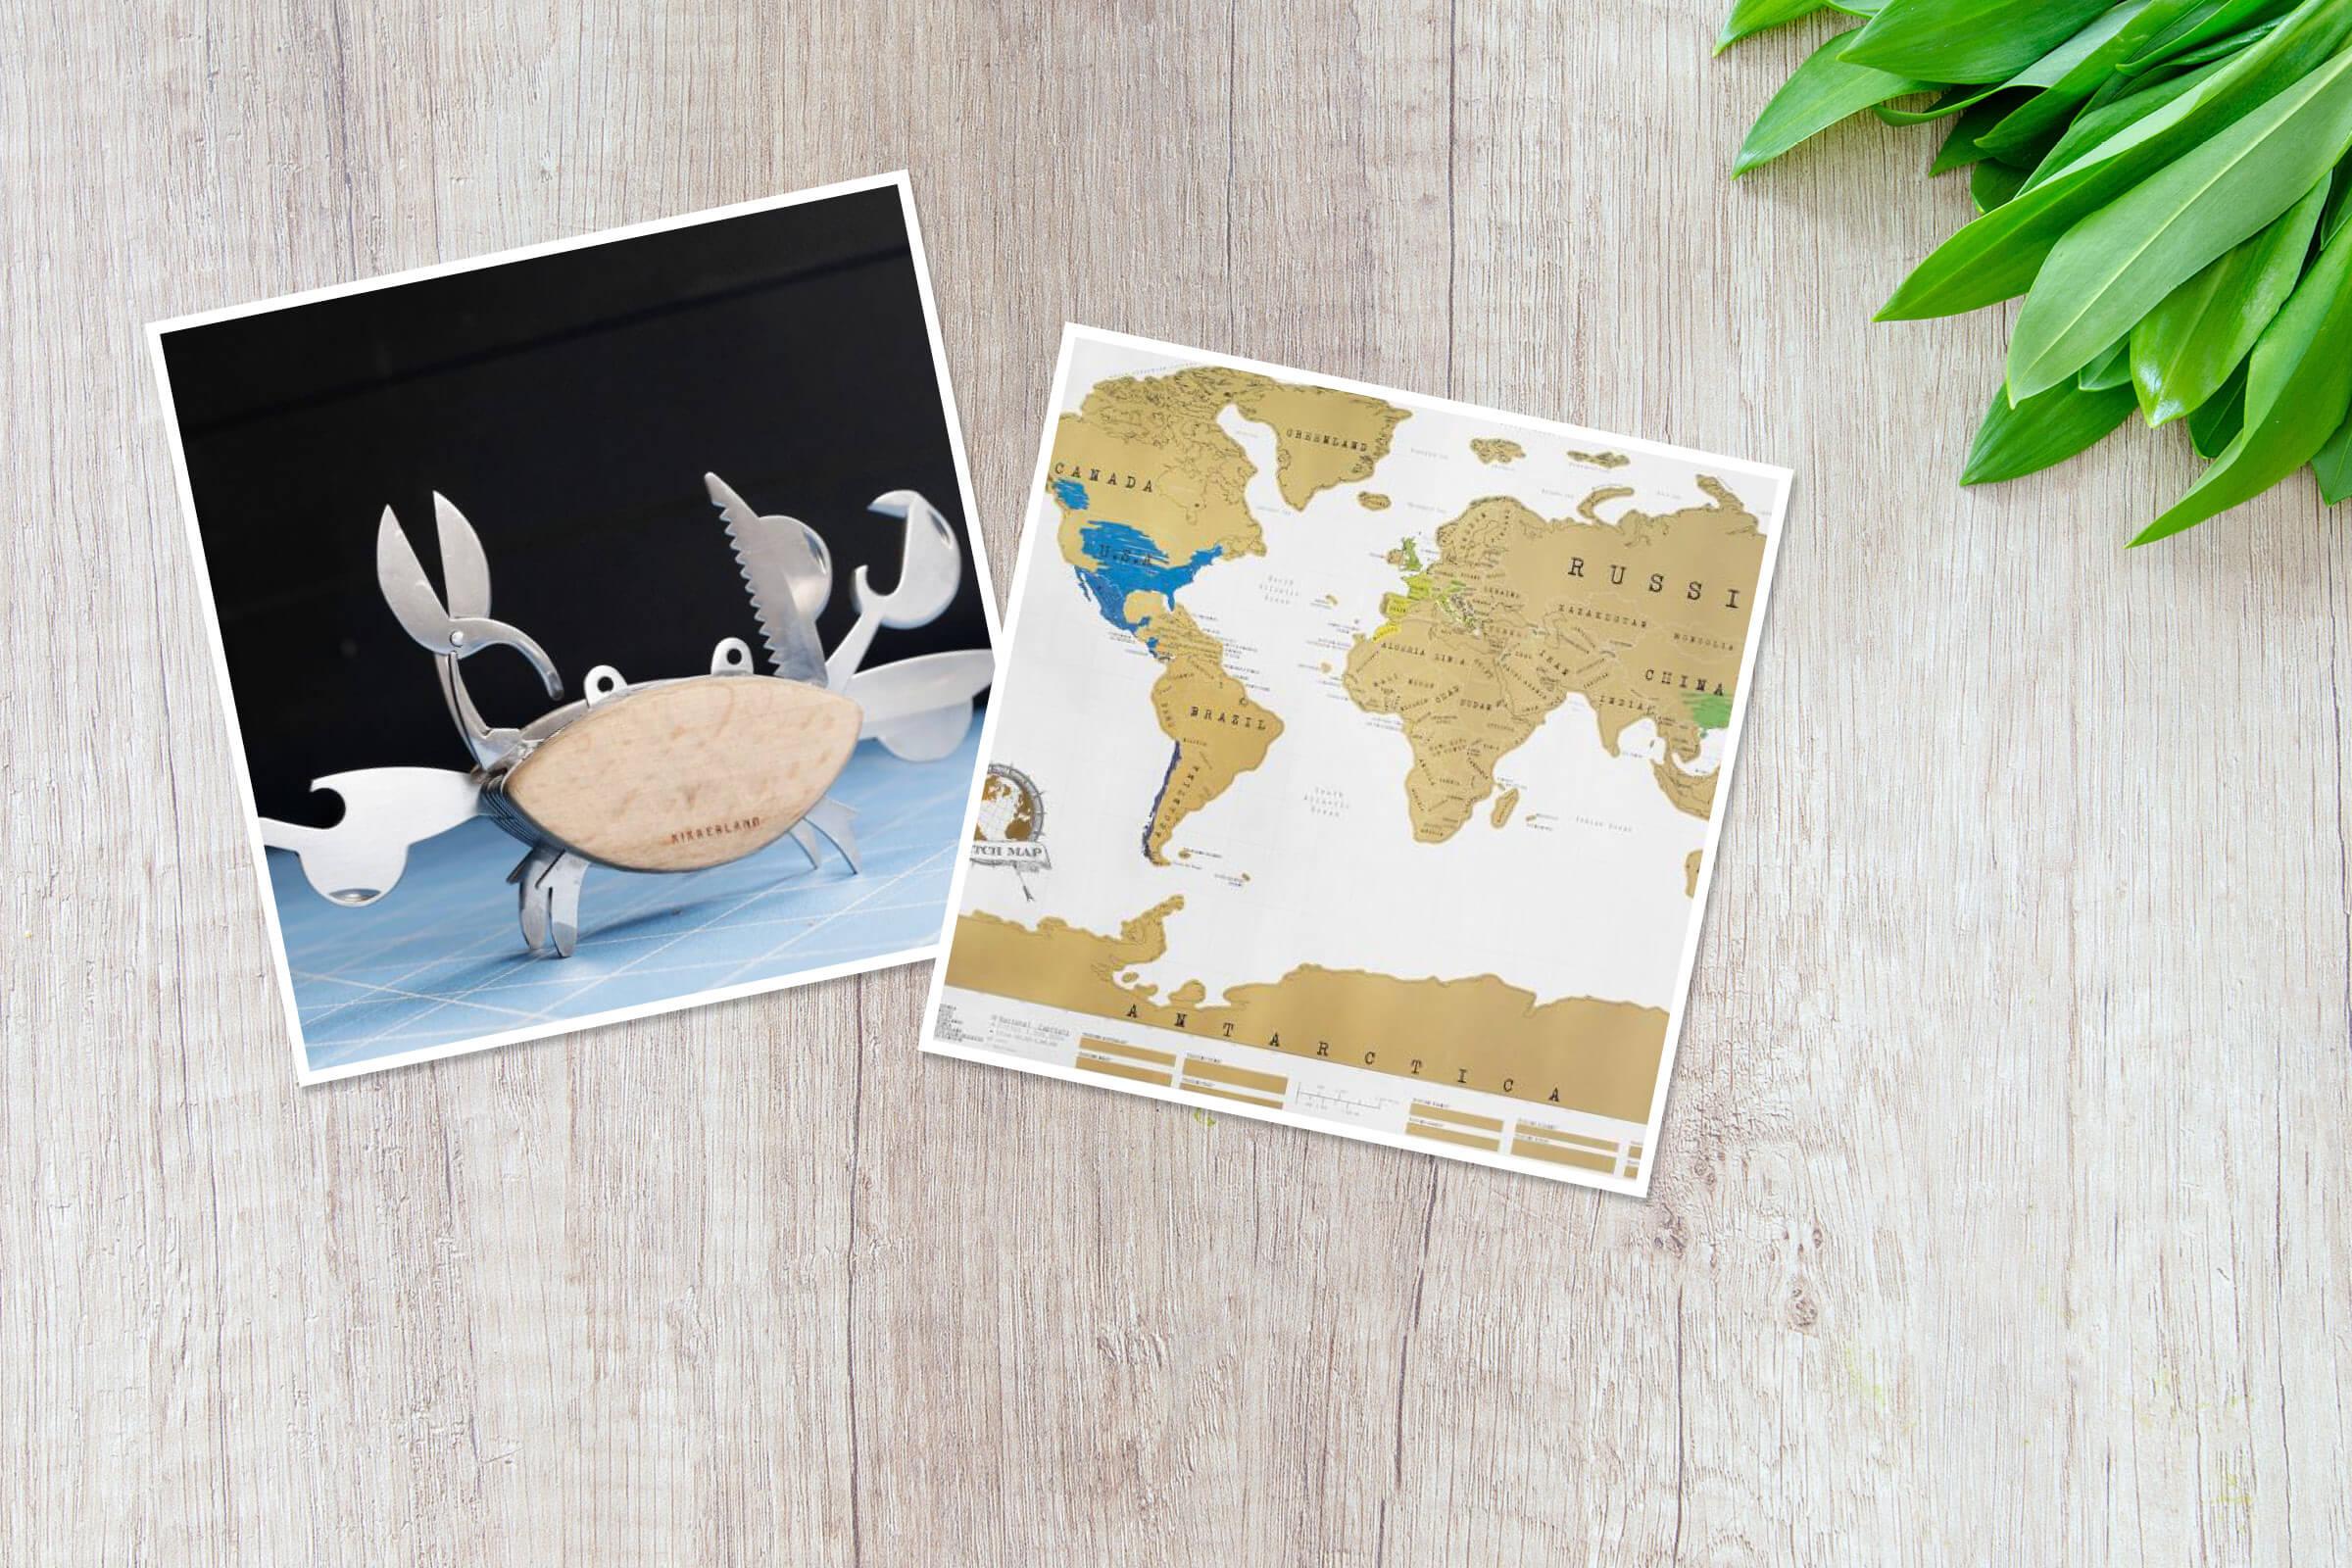 Geburtstagsgeschenke für Reise-Freunde